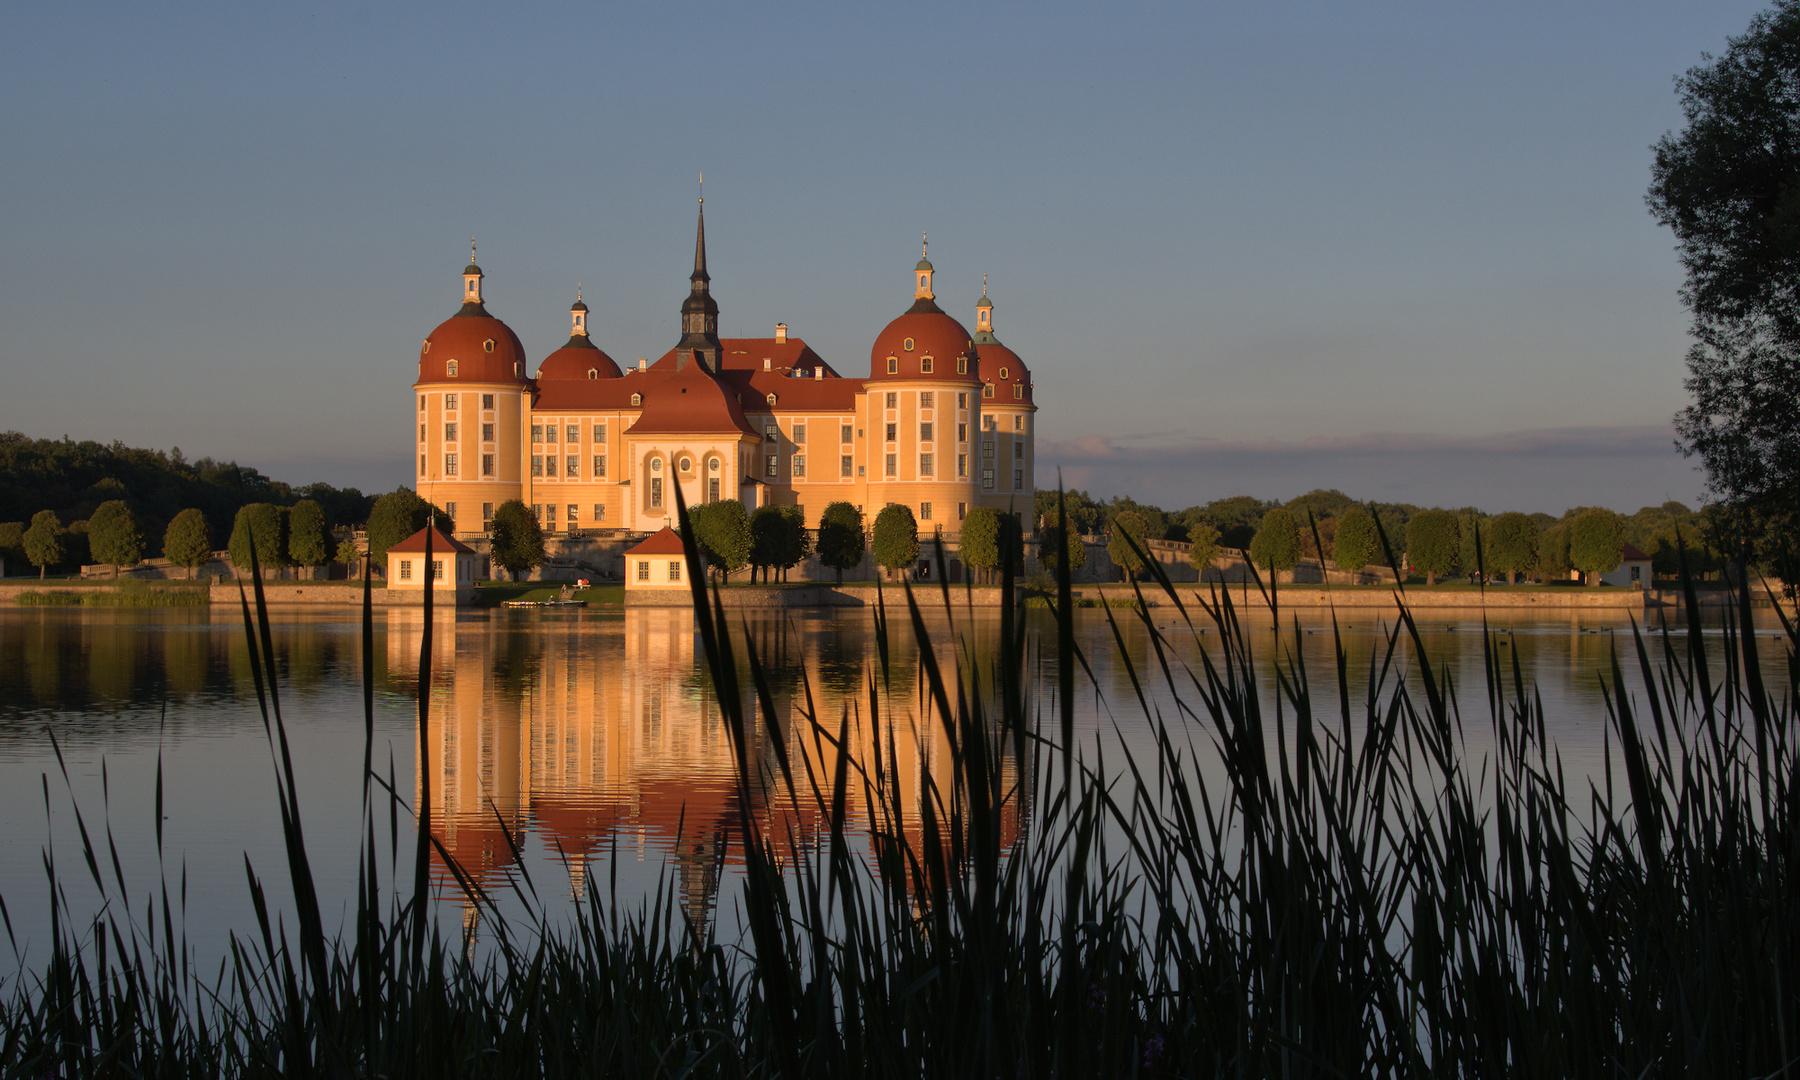 Romantik Schloss